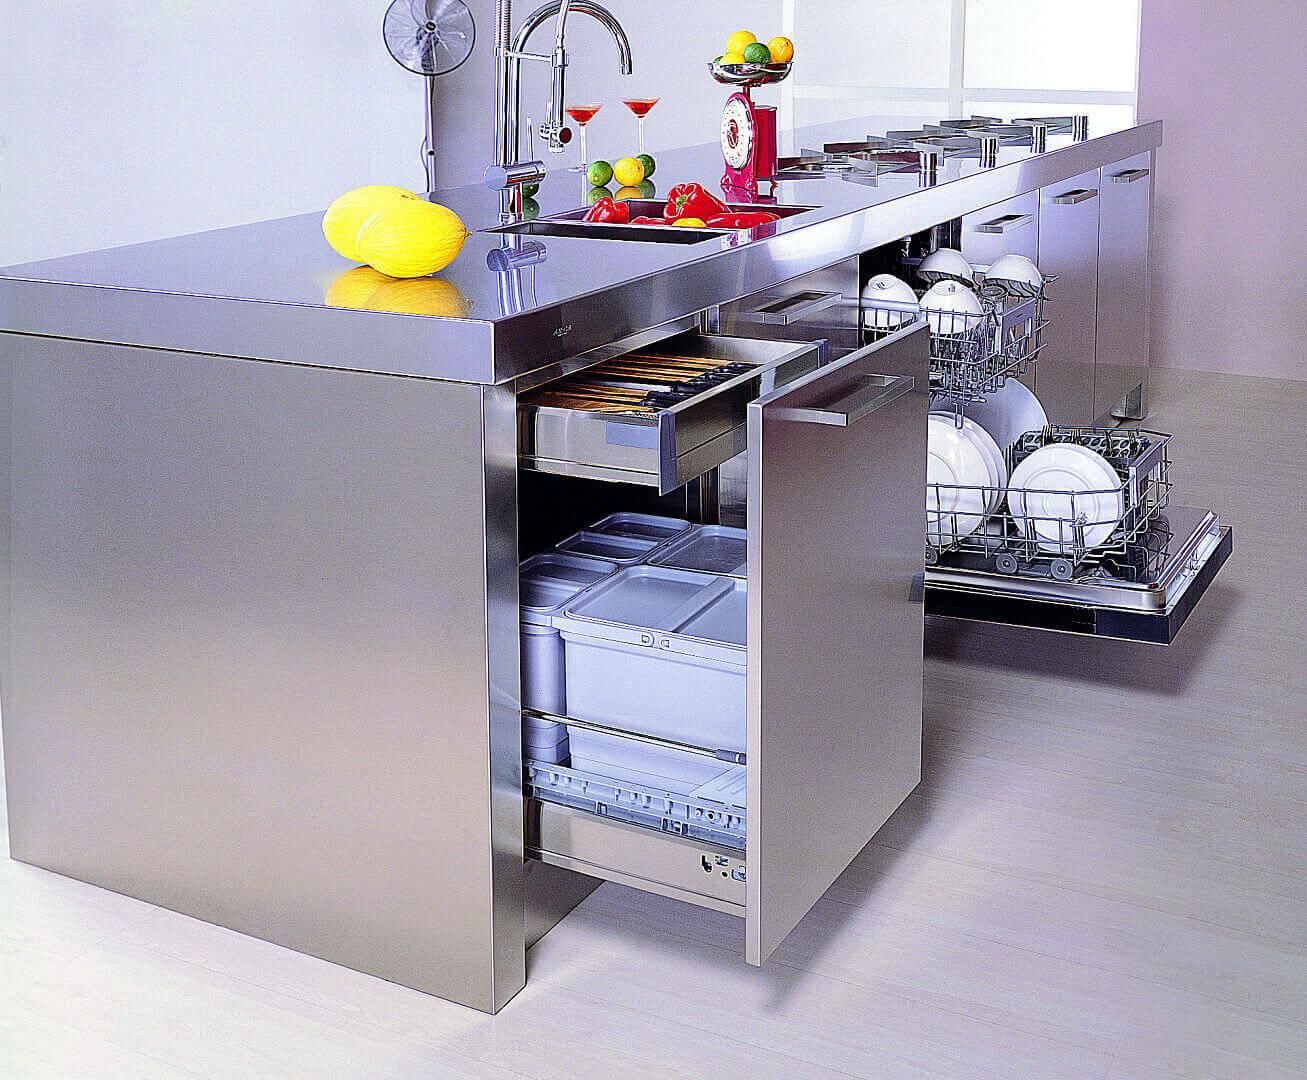 Arca Cucine Italia - Cucina Domestica in Acciaio Inox e Vetro - Opera - Cestone Estrazione Totale